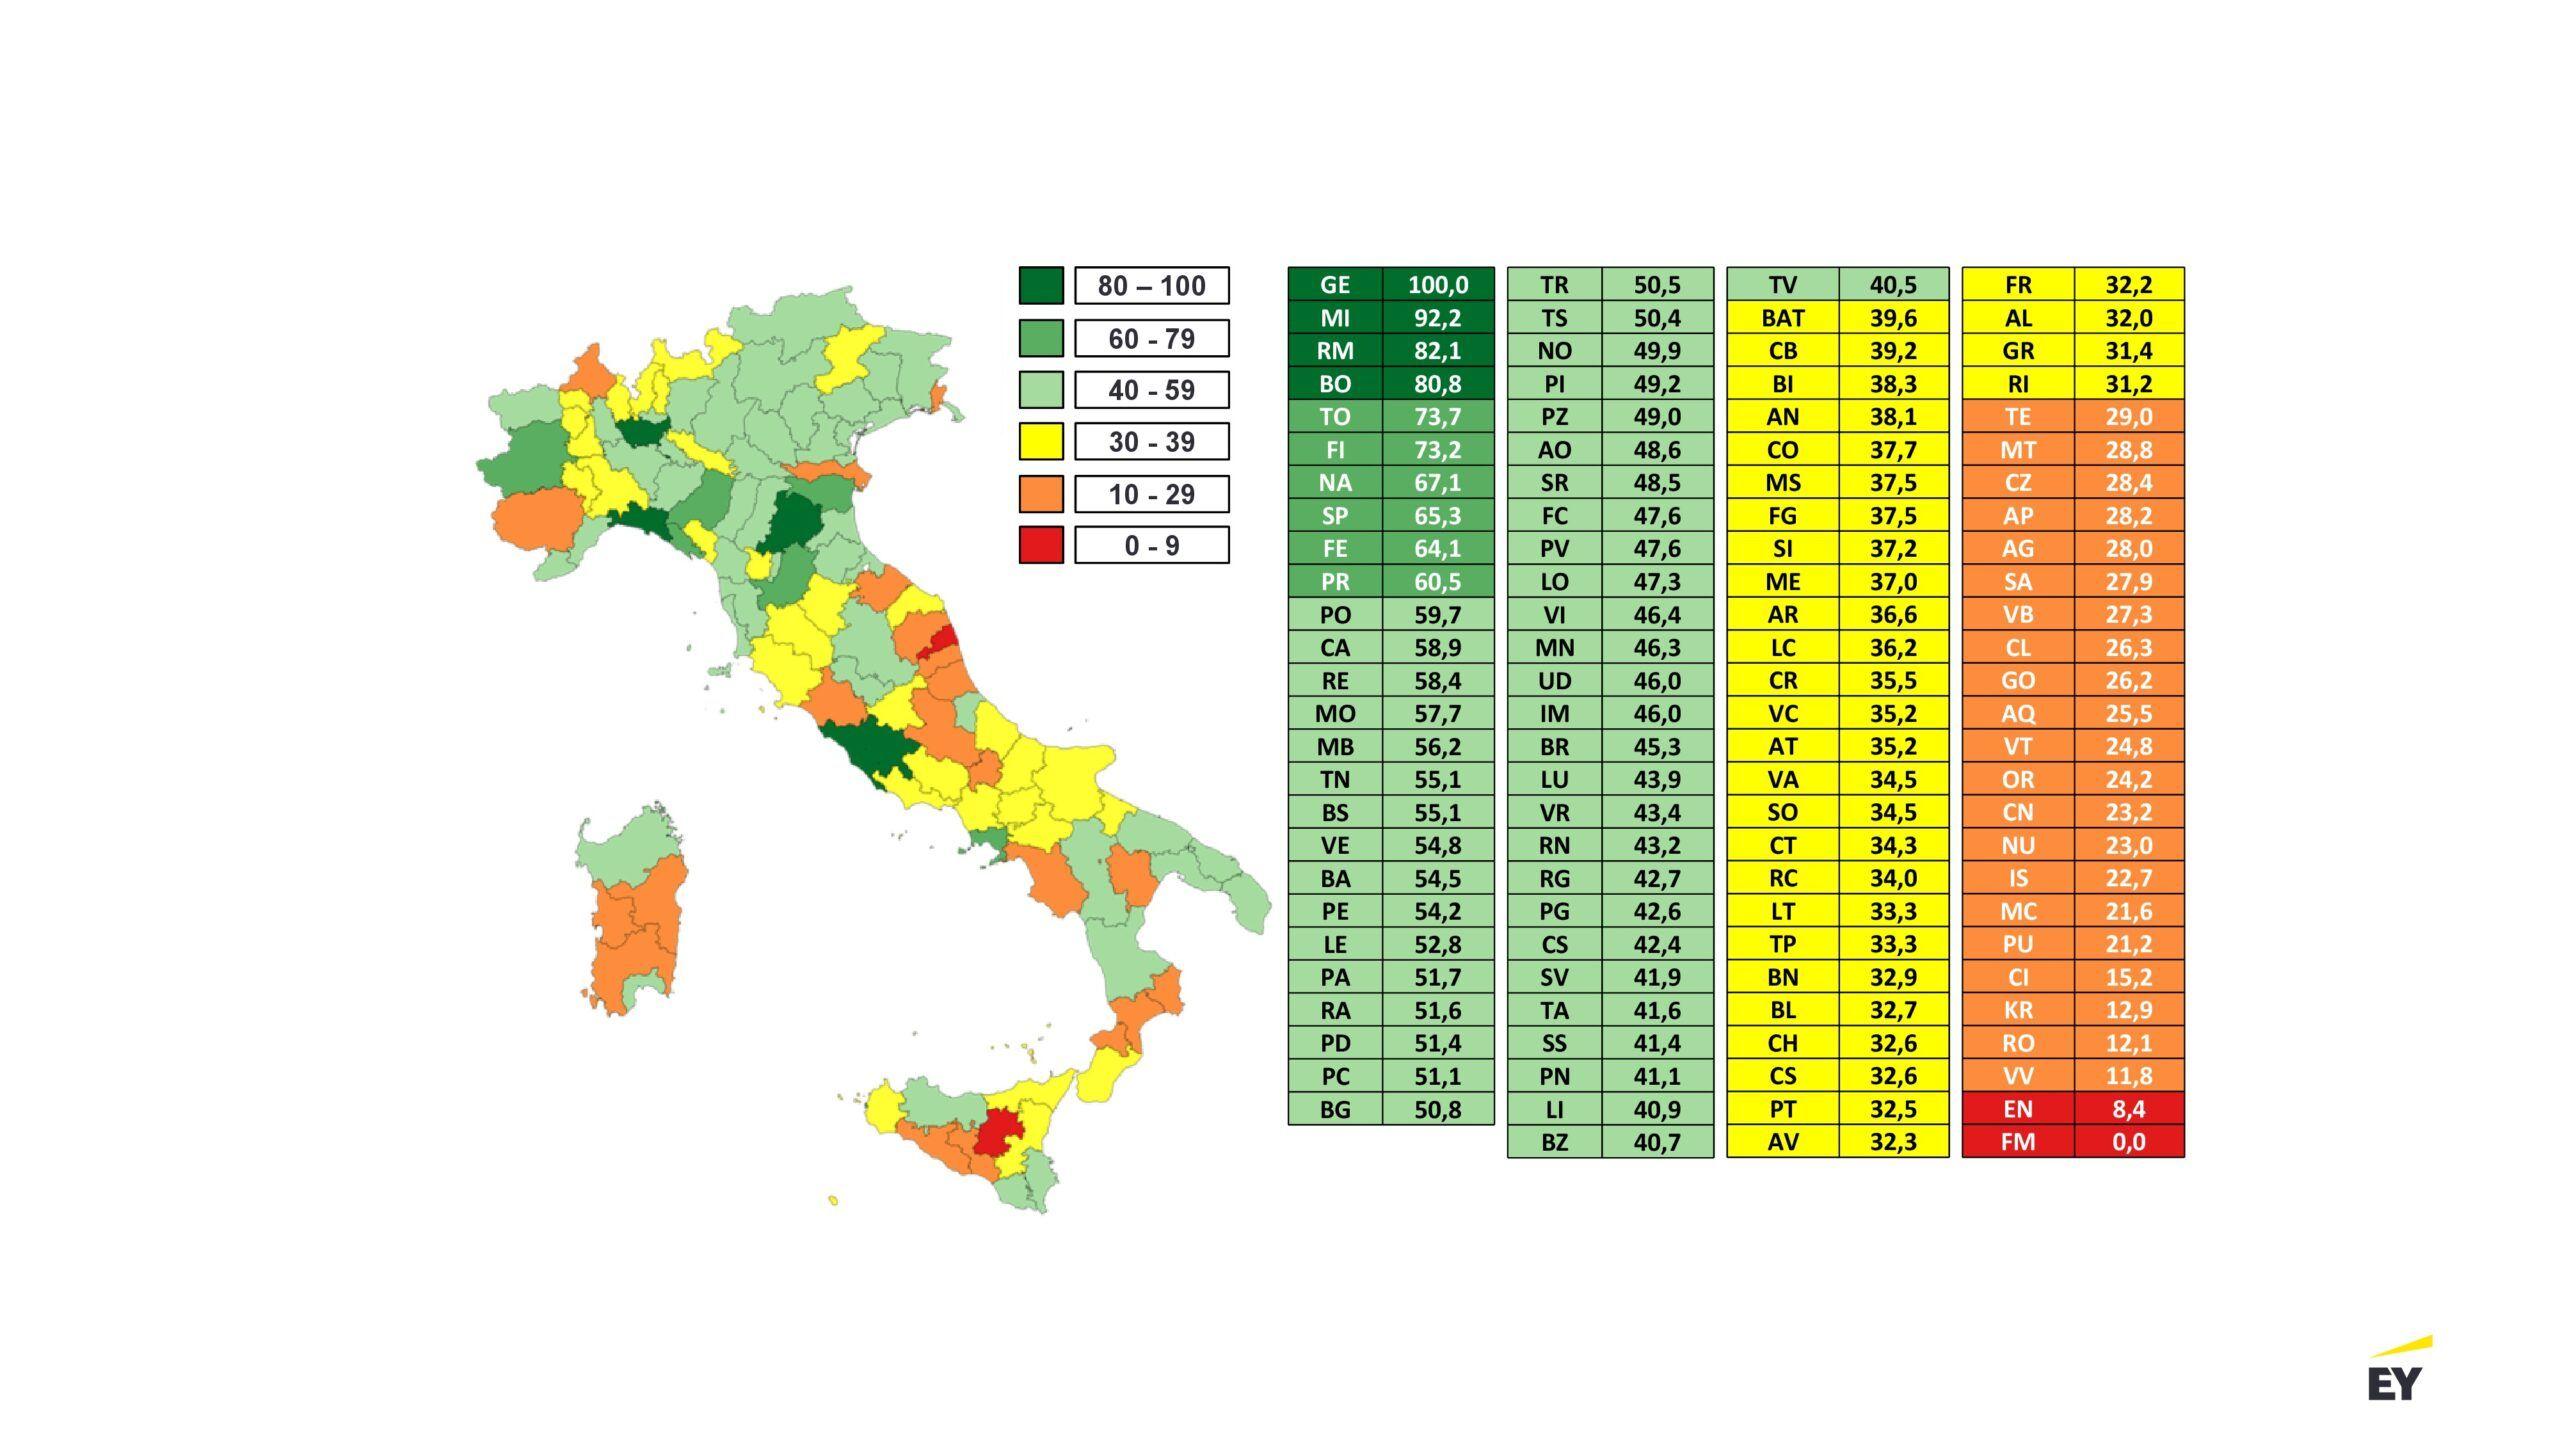 Pubblicata l'indagine di EY sulle infrastrutture digitali: Palermo in 22° posizione, Enna penultima